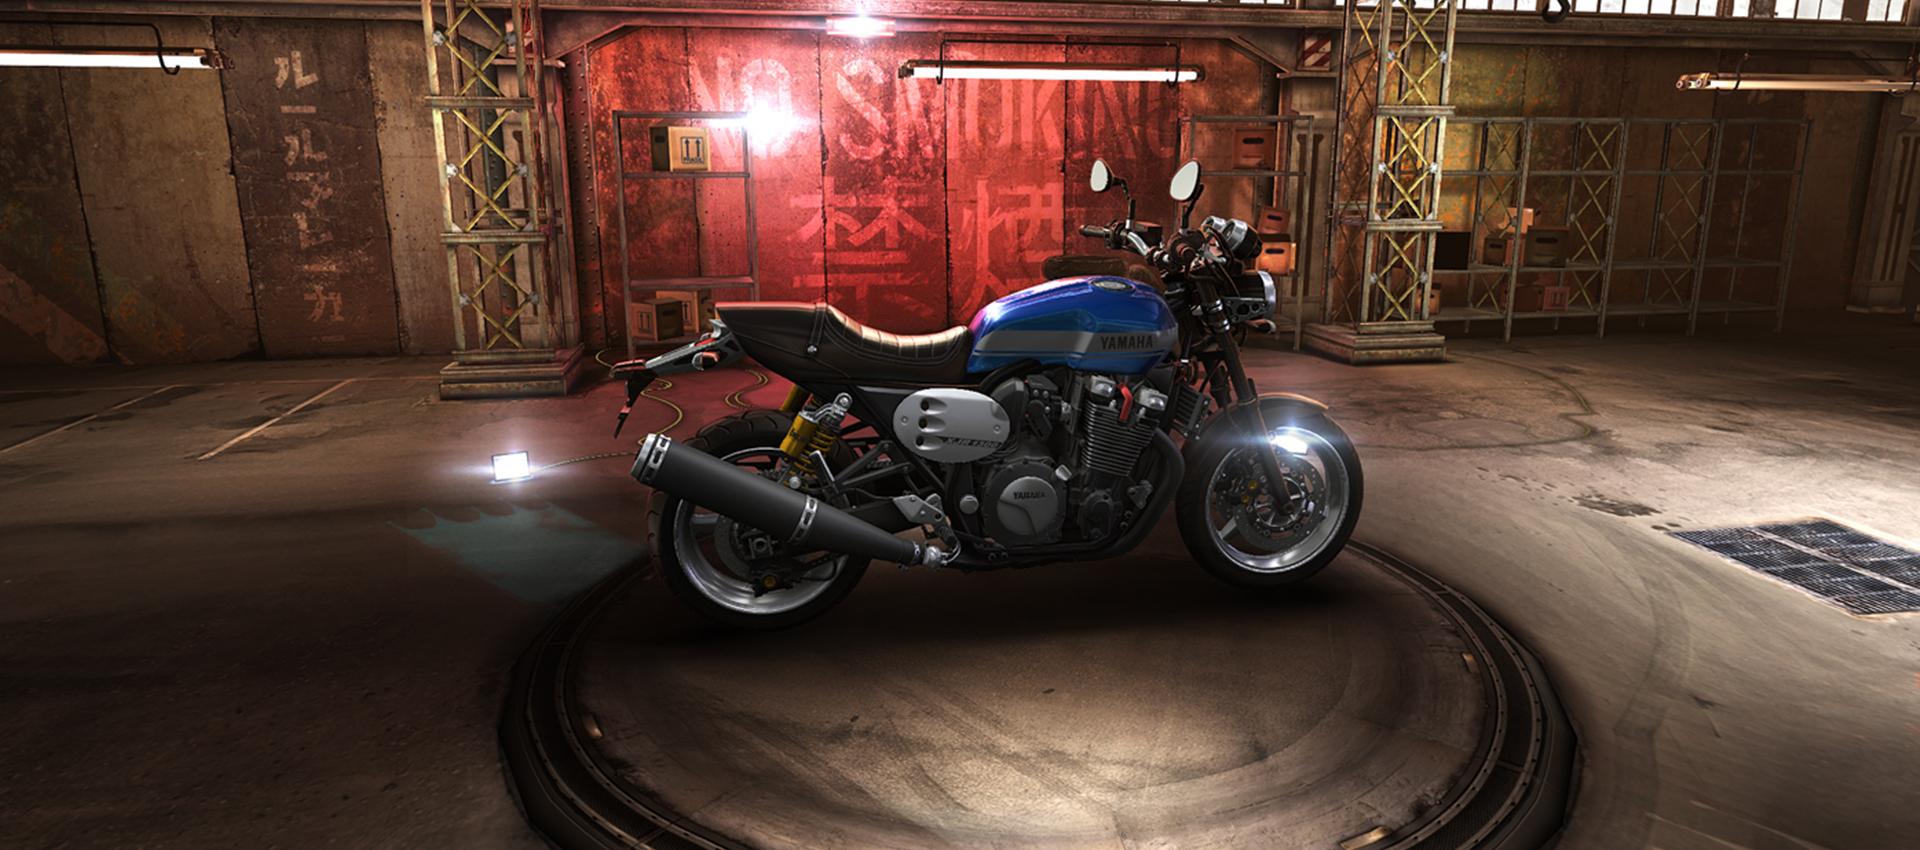 Bikeshot2